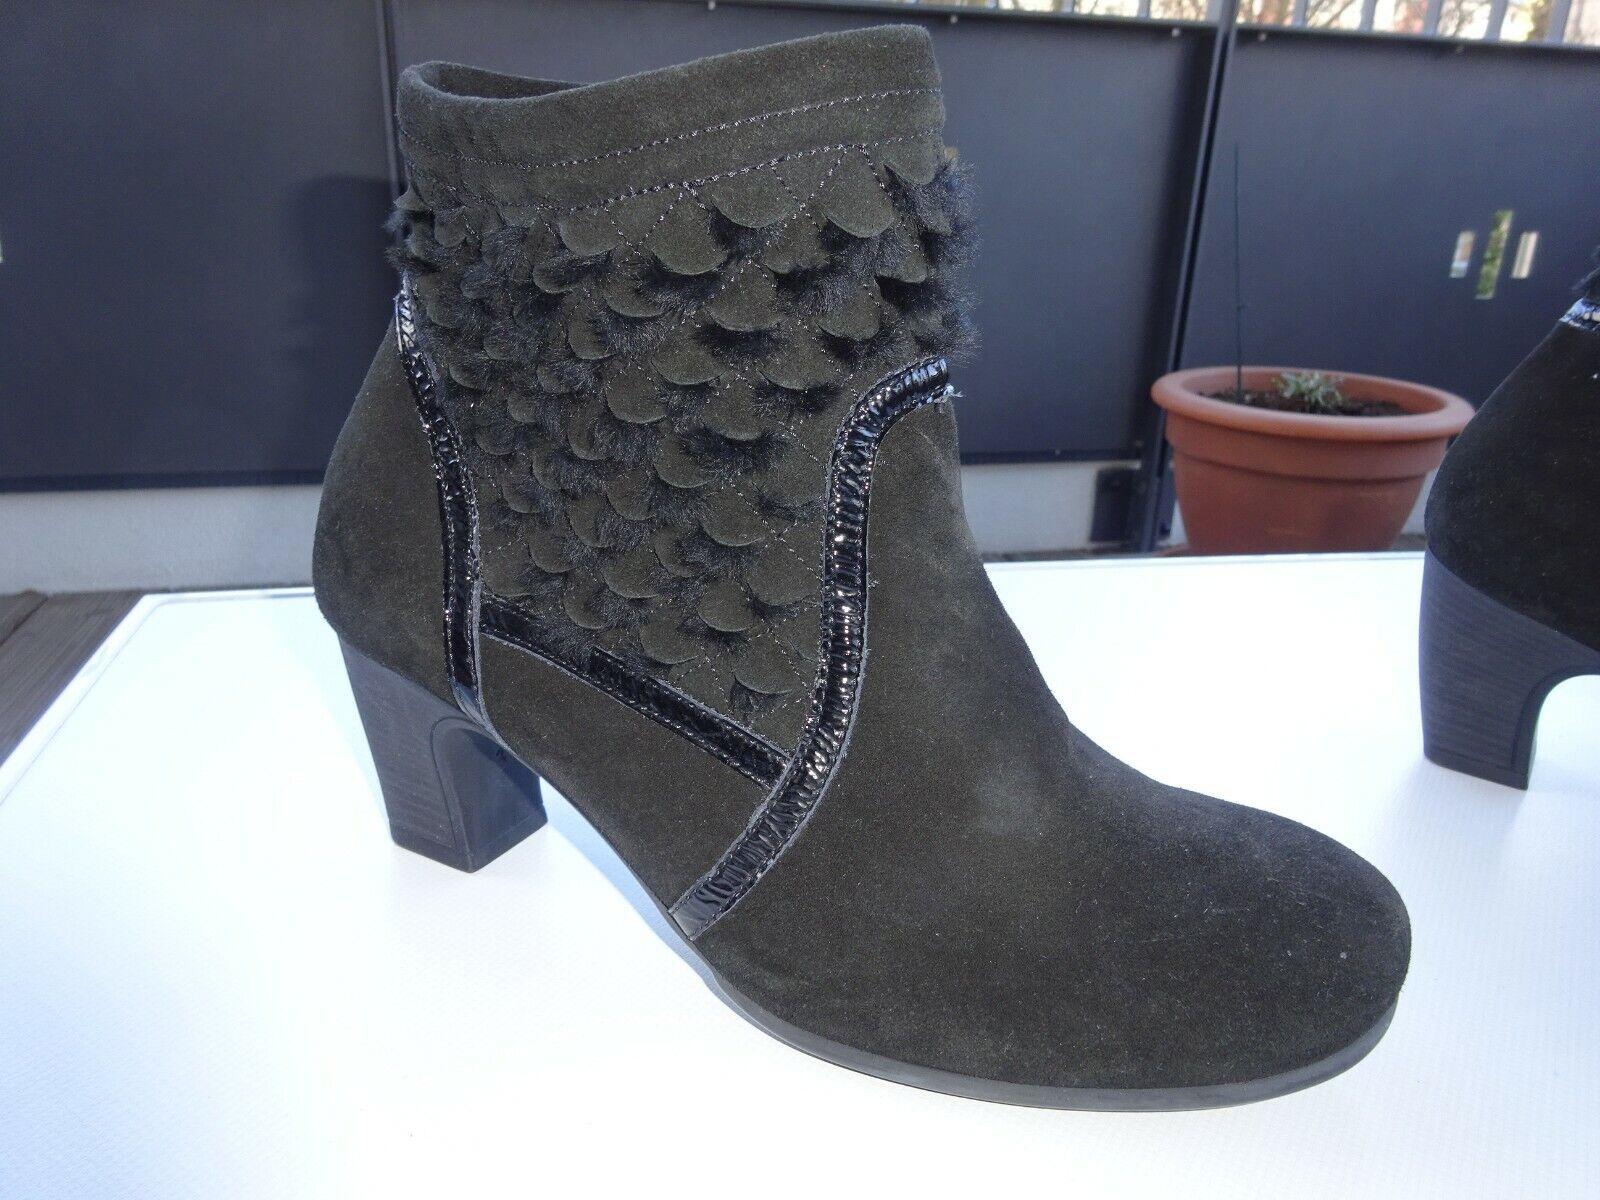 THINK Nei 81477 Schuhe Stiefeletten Wildleder Schwarz  Gr.39,5 Neuwertig